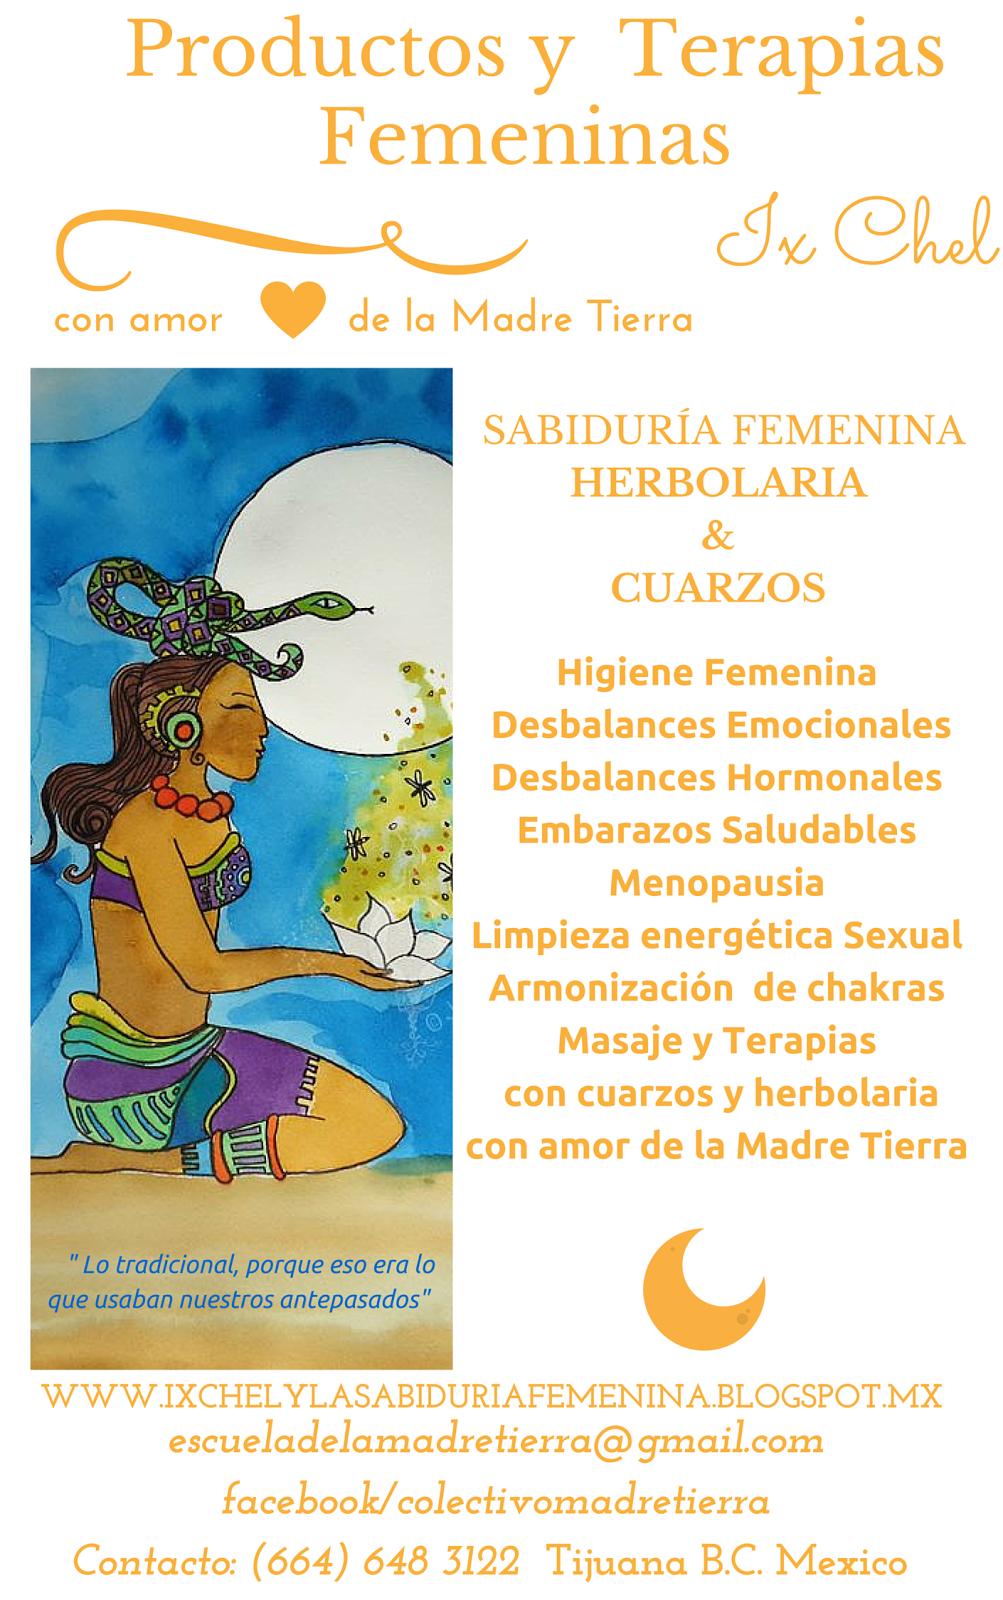 HERBOLARIA Y CUARZOS CON AMOR DE LA MADRE TIERRA